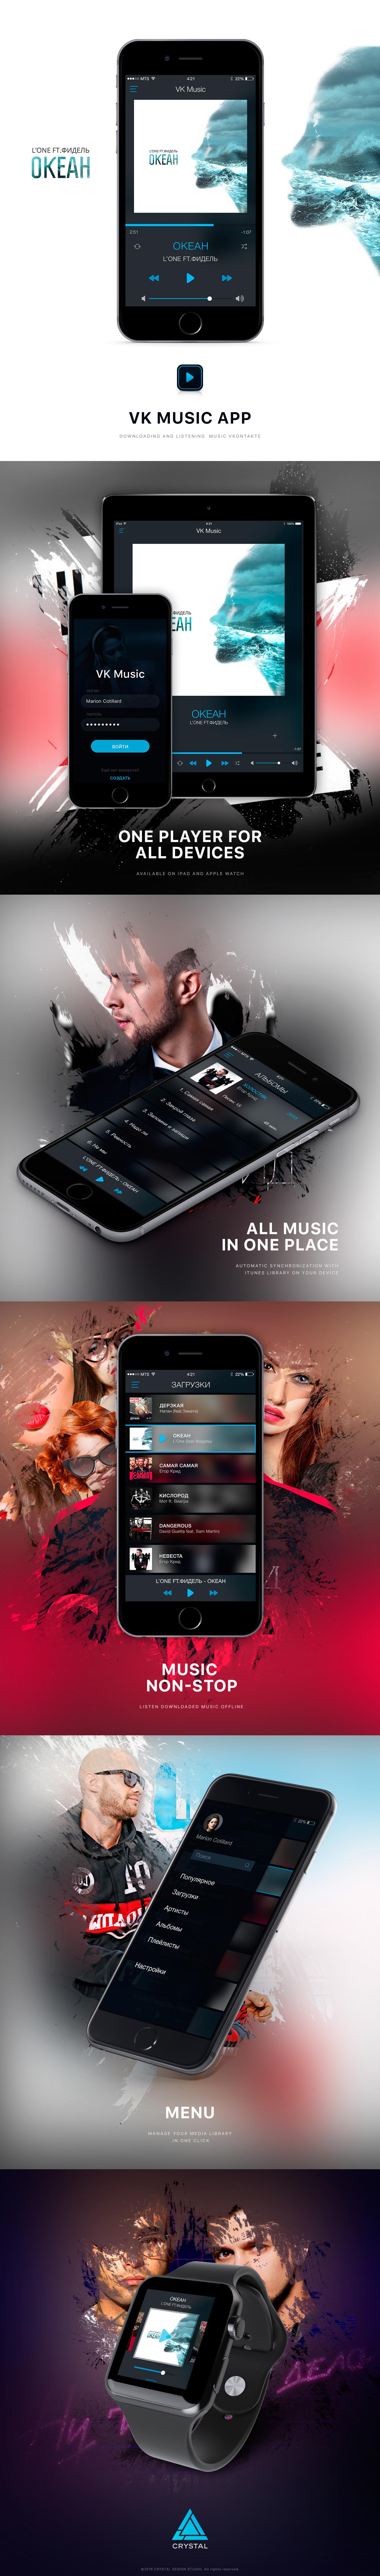 app player VK vkontakte listening download